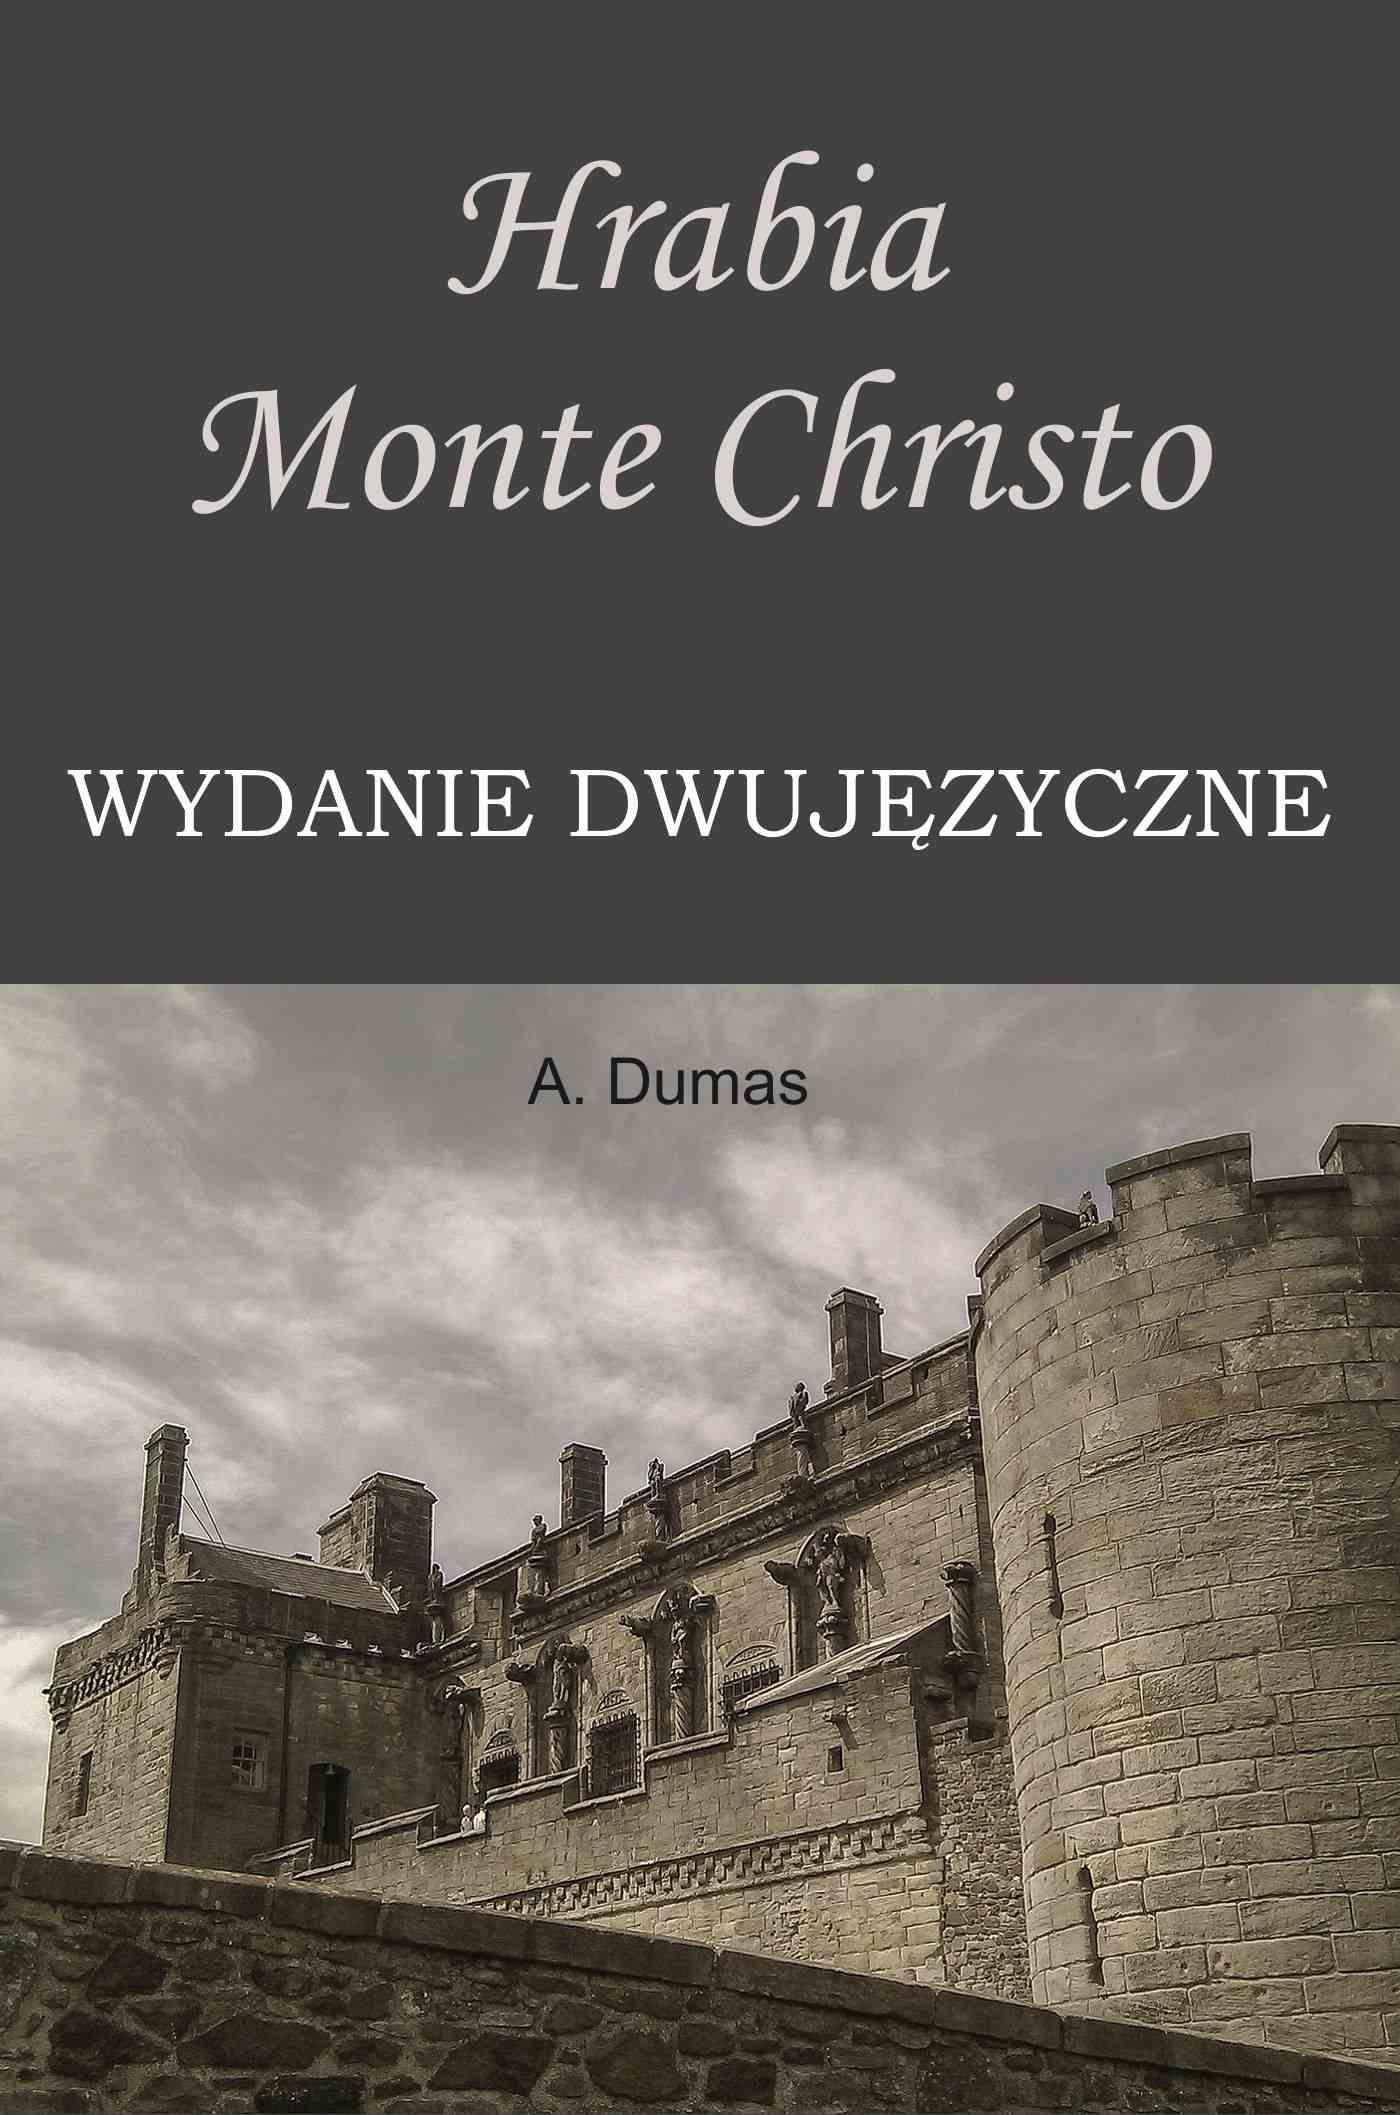 Hrabia Monte Christo. Wydanie dwujęzyczne - Ebook (Książka PDF) do pobrania w formacie PDF